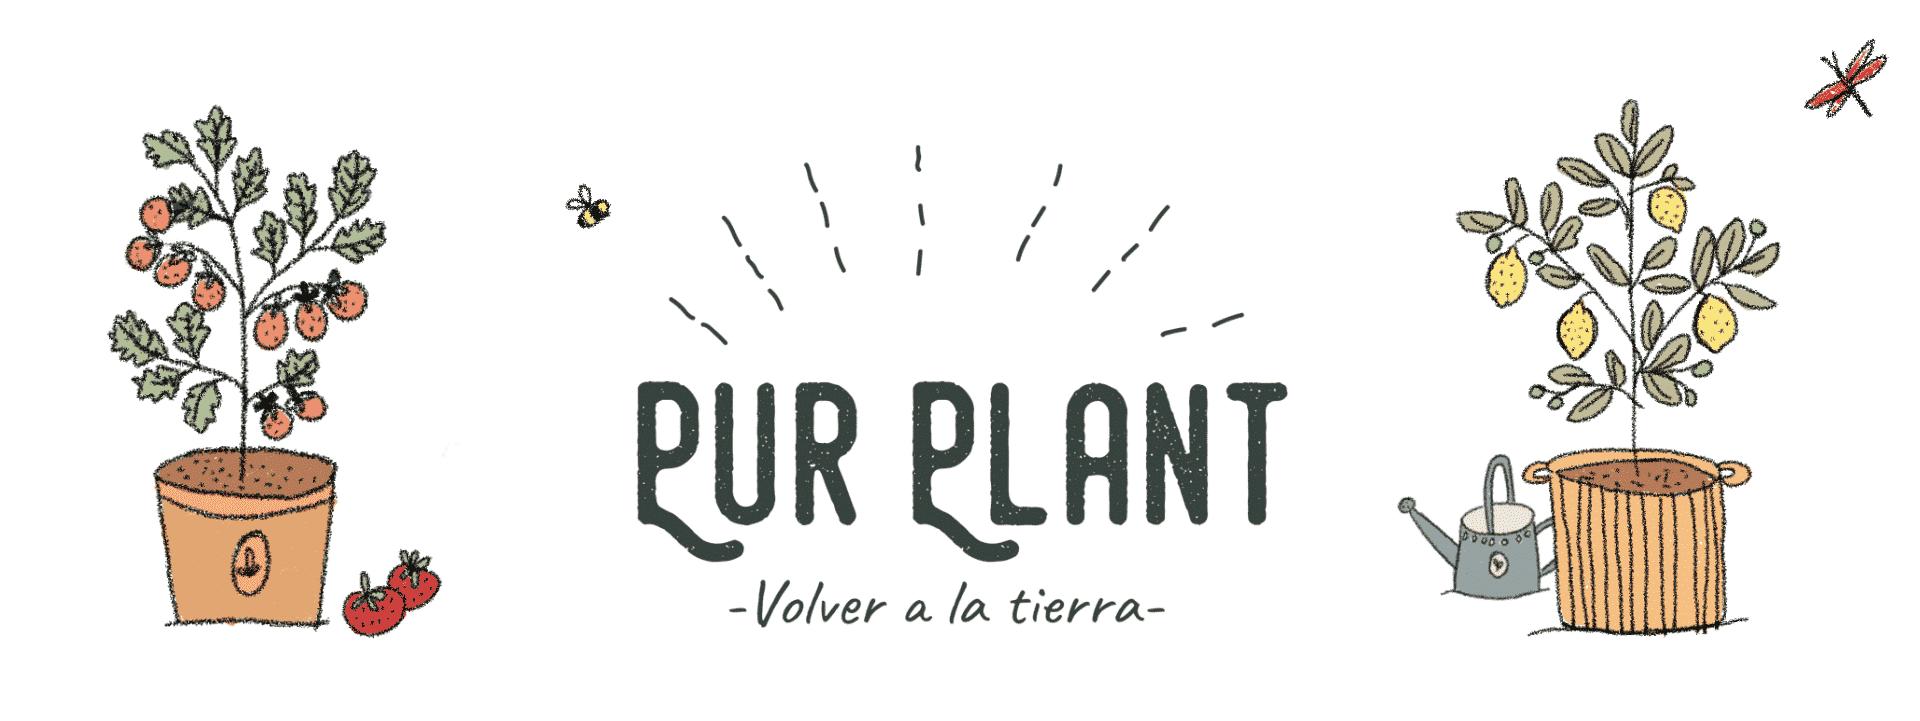 pur-plant-fertilizantes-abonos